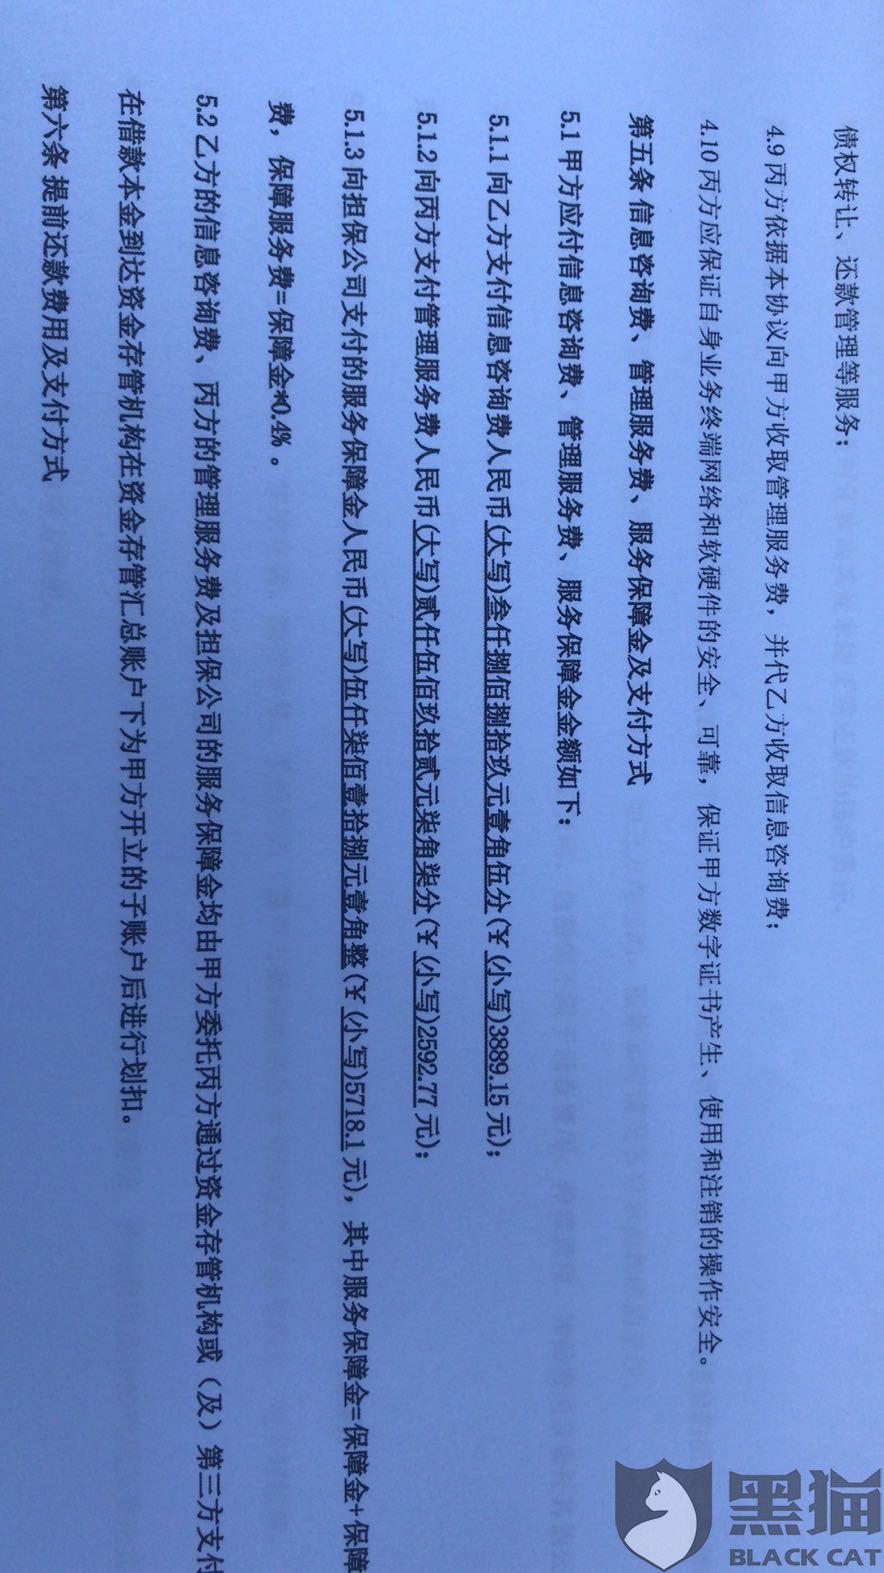 黑猫投诉:宜信普惠收取高额服务费,这就是变相的高利贷砍头息